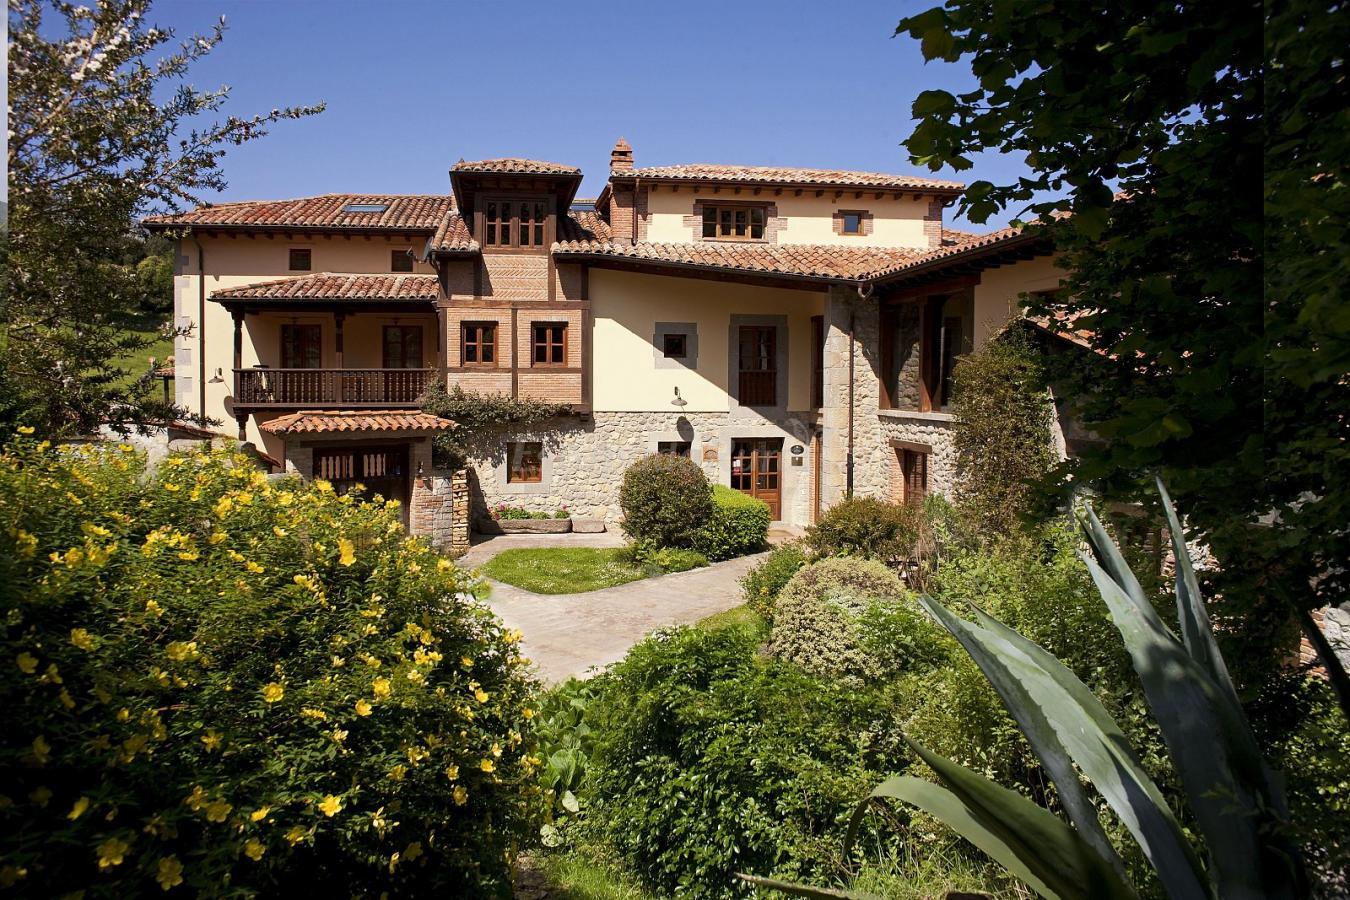 Fotos de hotel arredondo casa rural en llanes asturias - Casa rural asturias mascotas ...